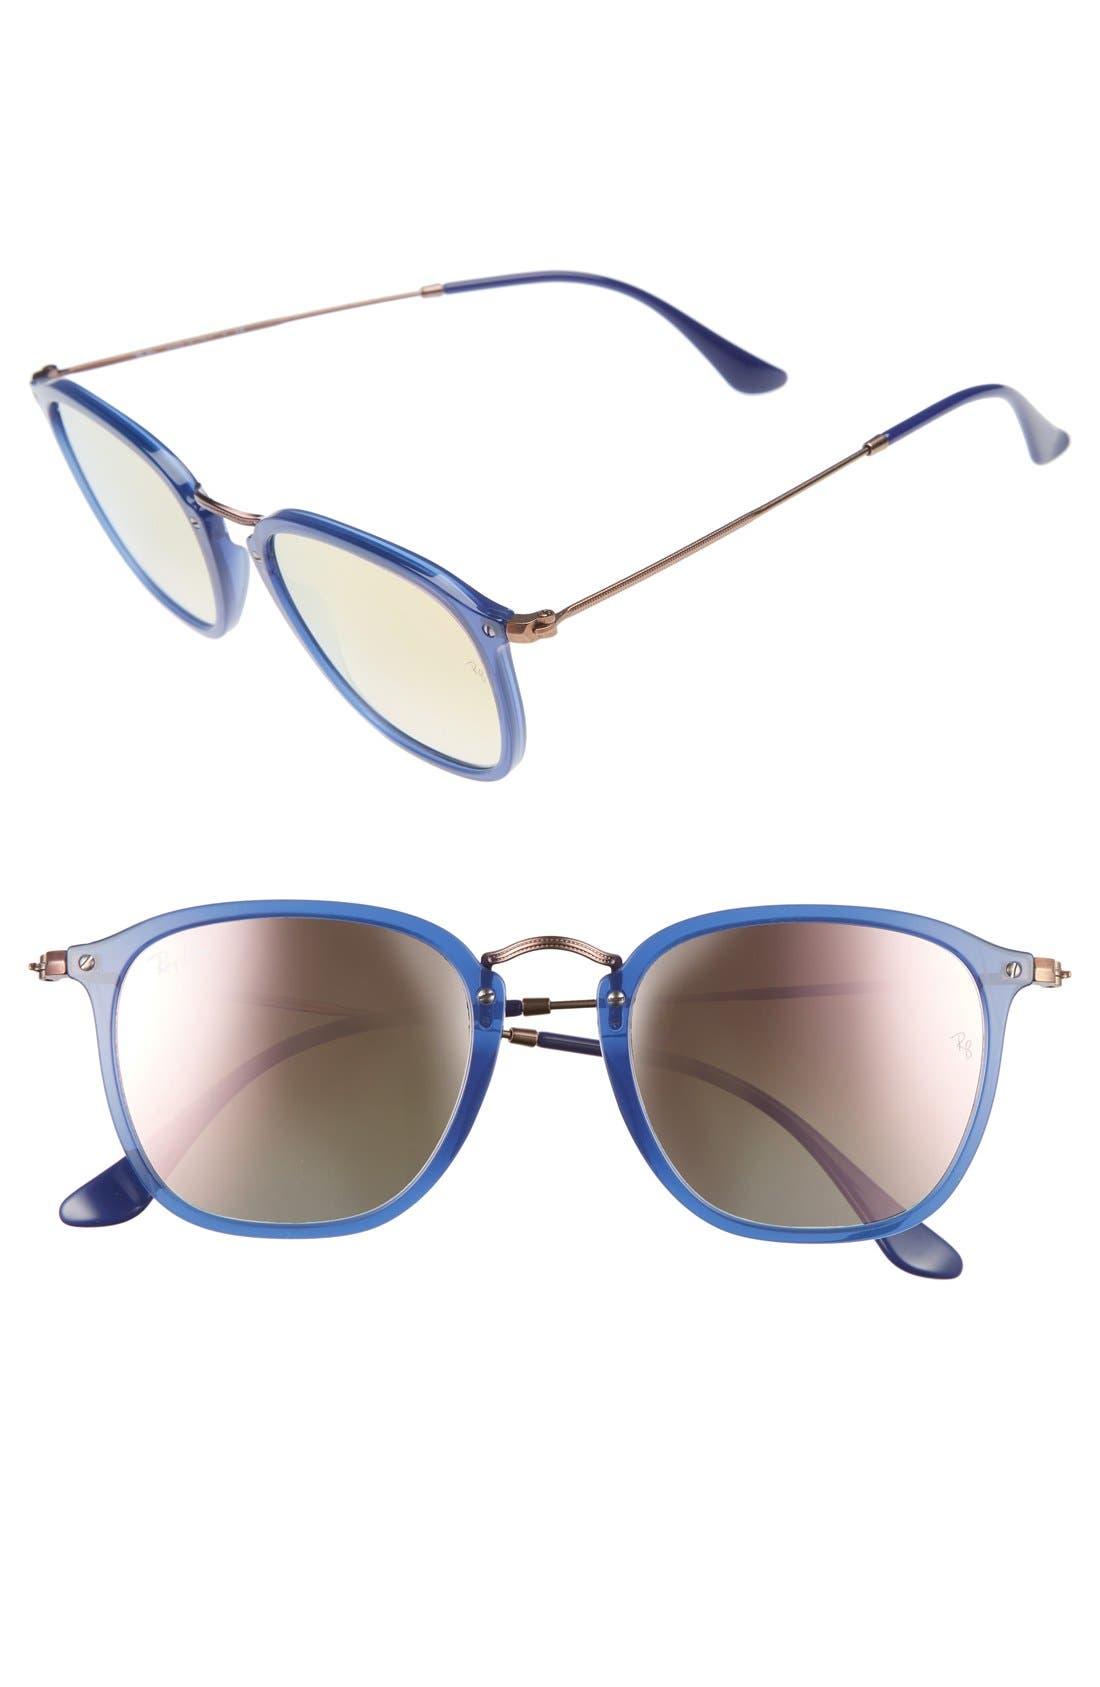 Icons Wayfarer 51mm Sunglasses,                             Main thumbnail 1, color,                             Transparent Blue